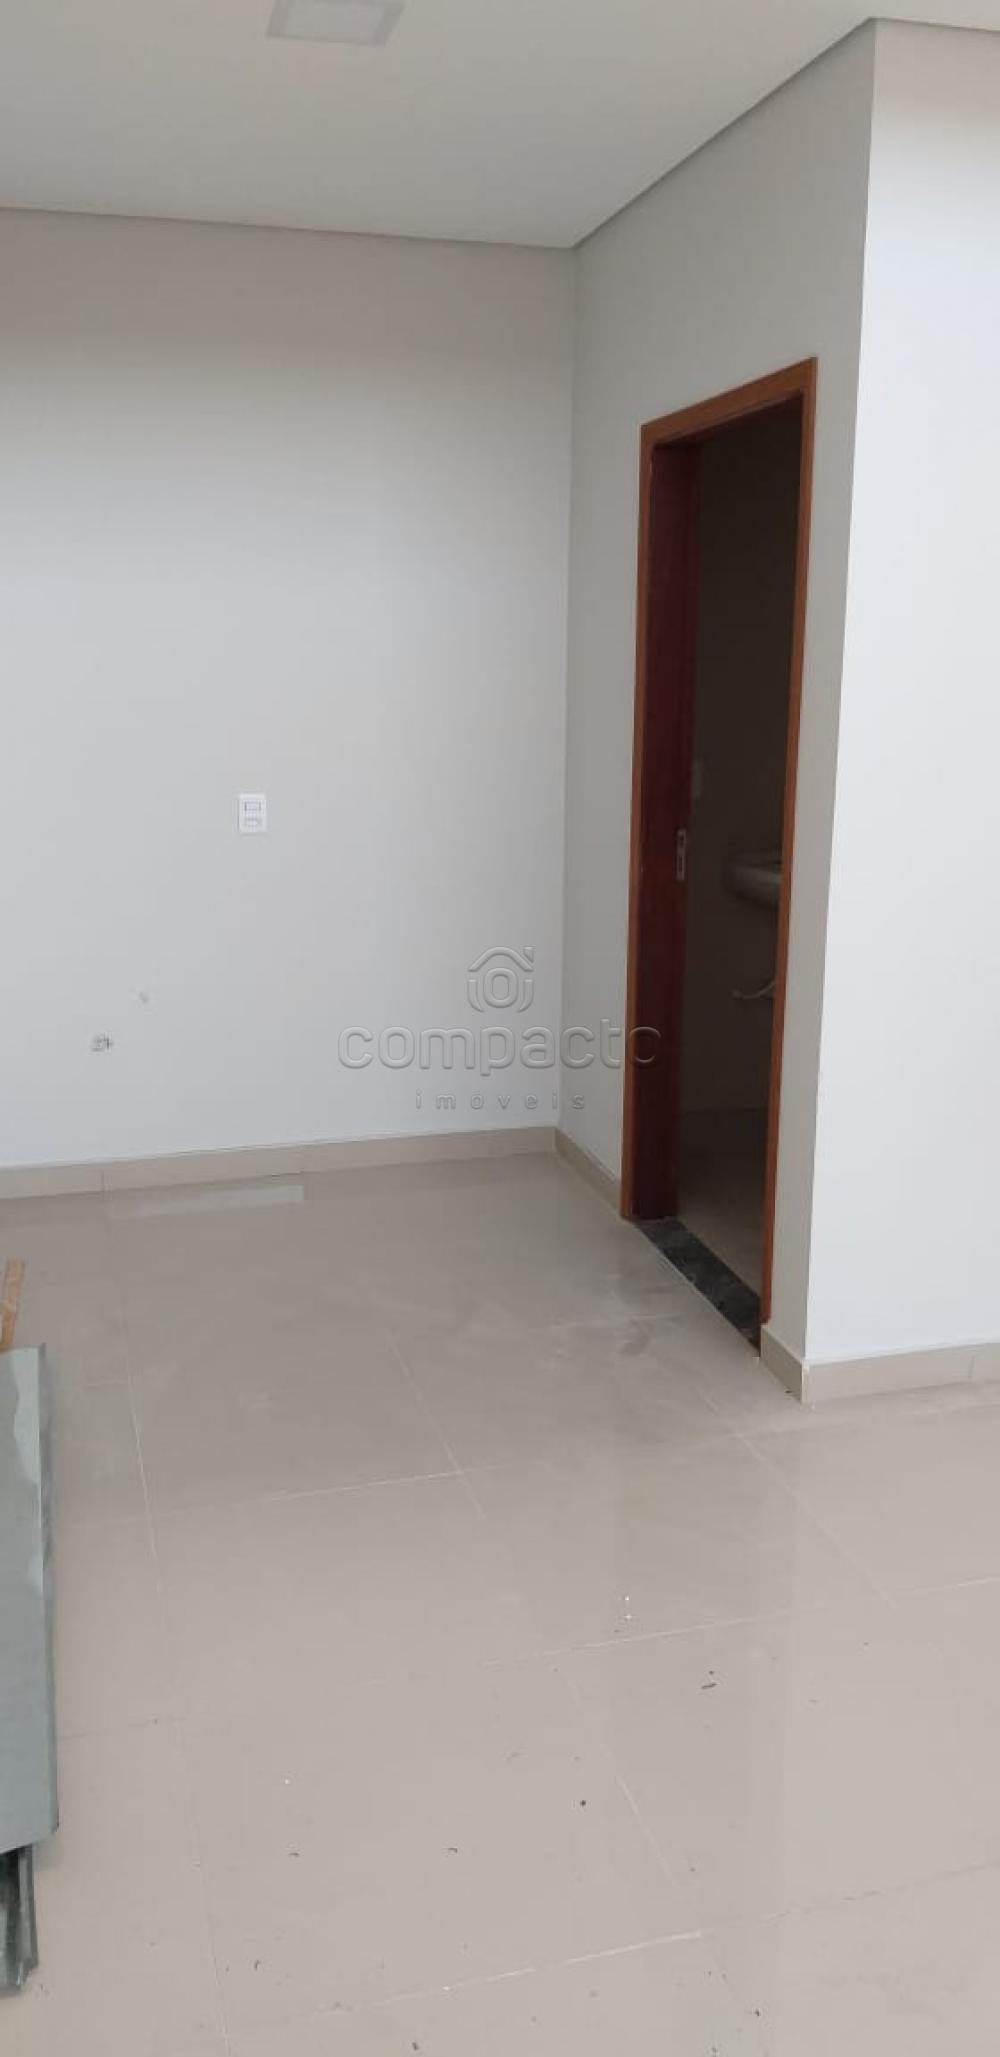 Alugar Comercial / Loja/Sala em São José do Rio Preto apenas R$ 1.050,00 - Foto 4